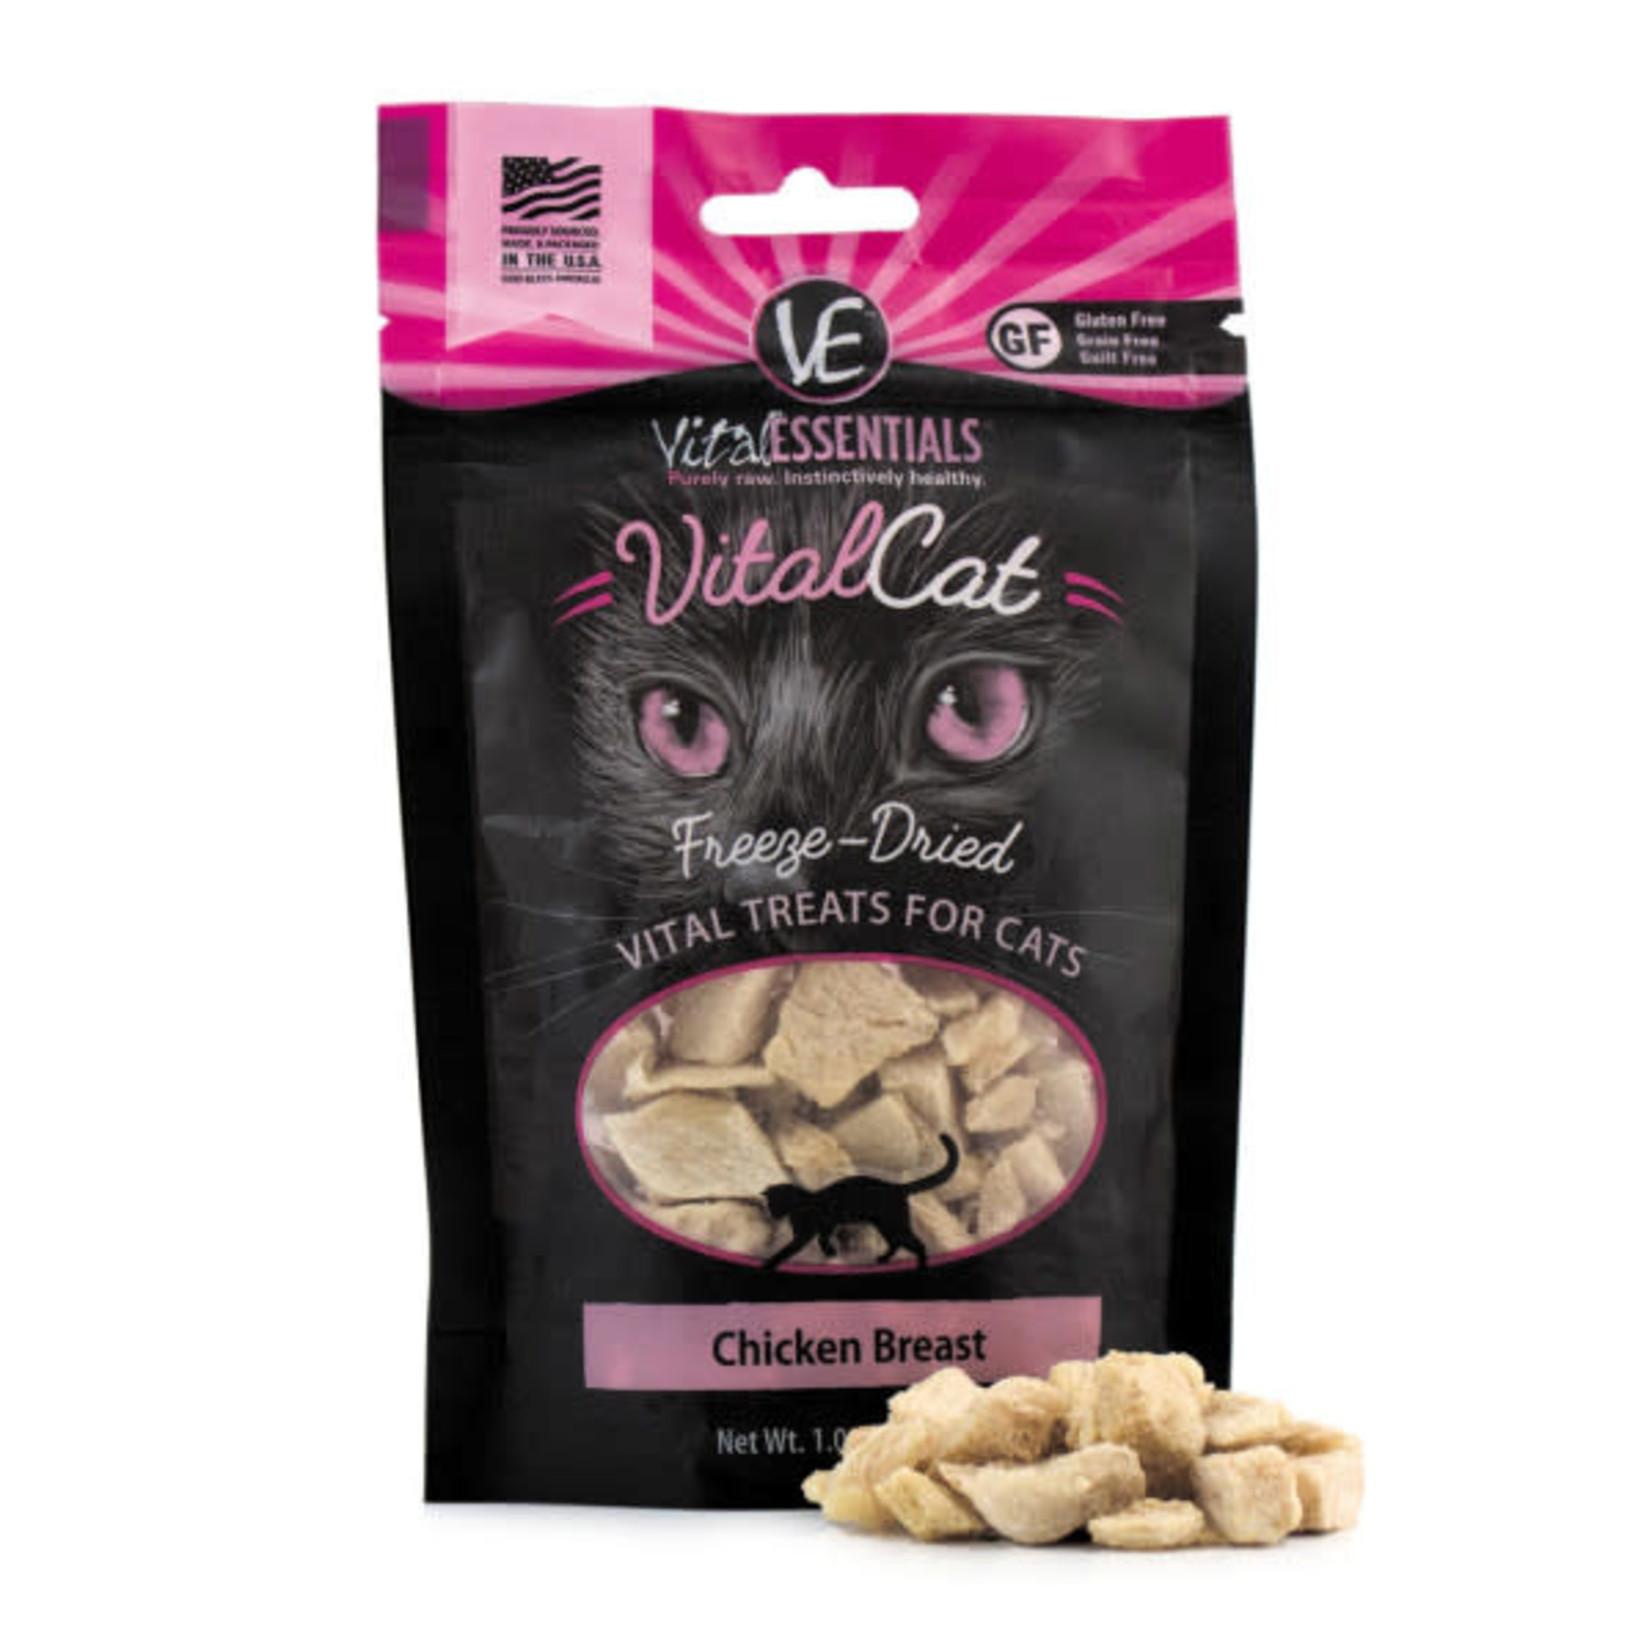 Vital Essentials Vital Essentials Cat Freeze-Dried  Chicken Breast Treat